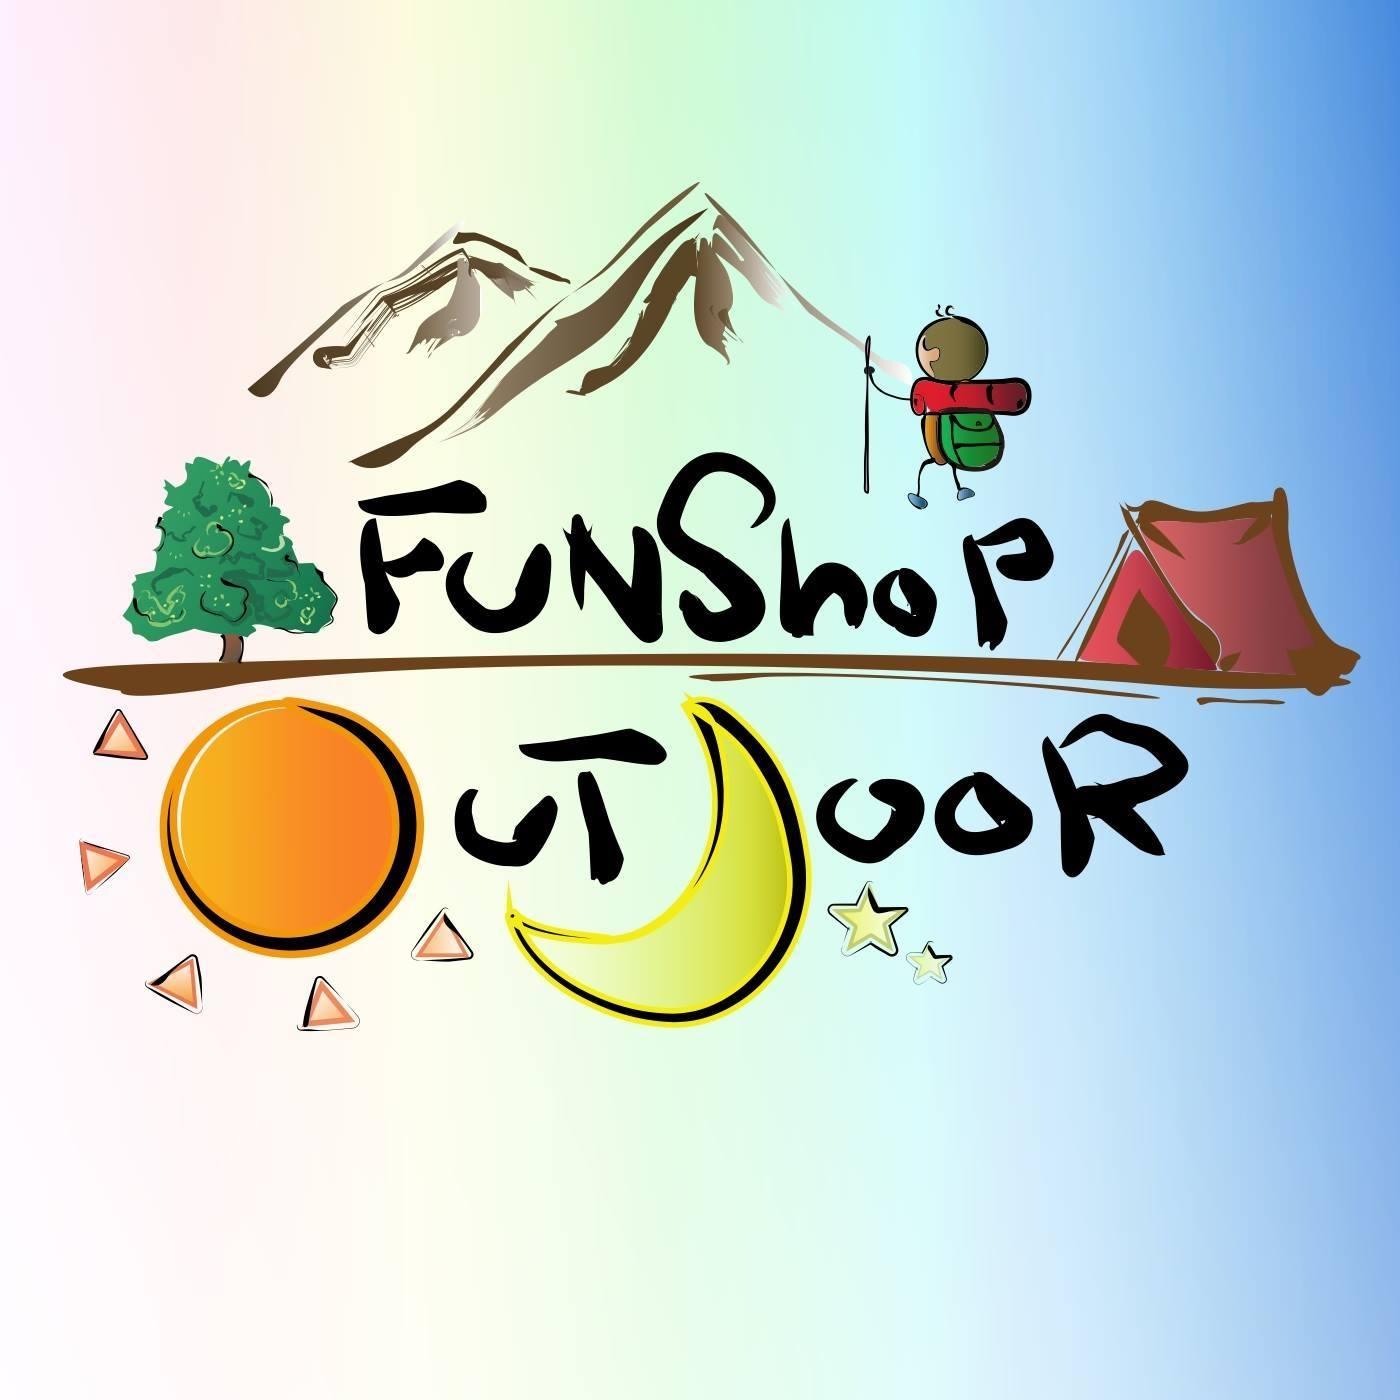 Fun Shop Outdoor Shop